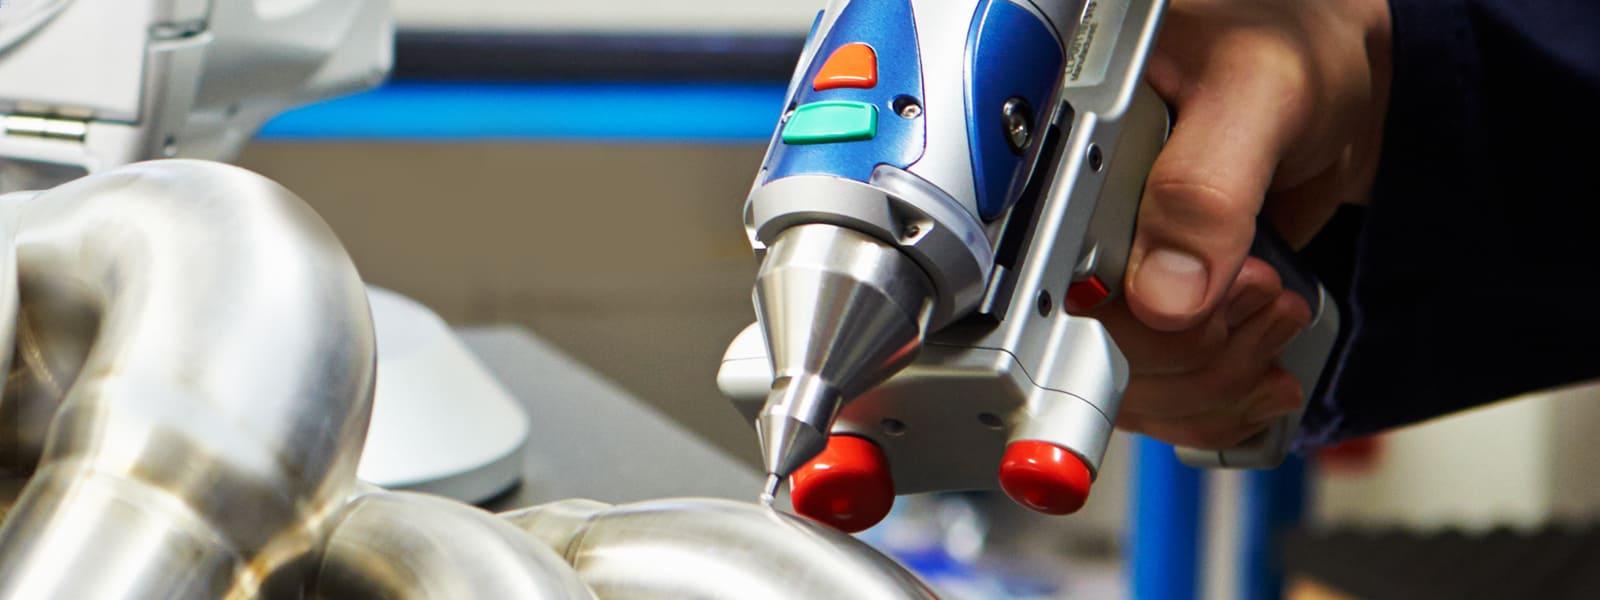 DIKO - automatyzacja wrocław